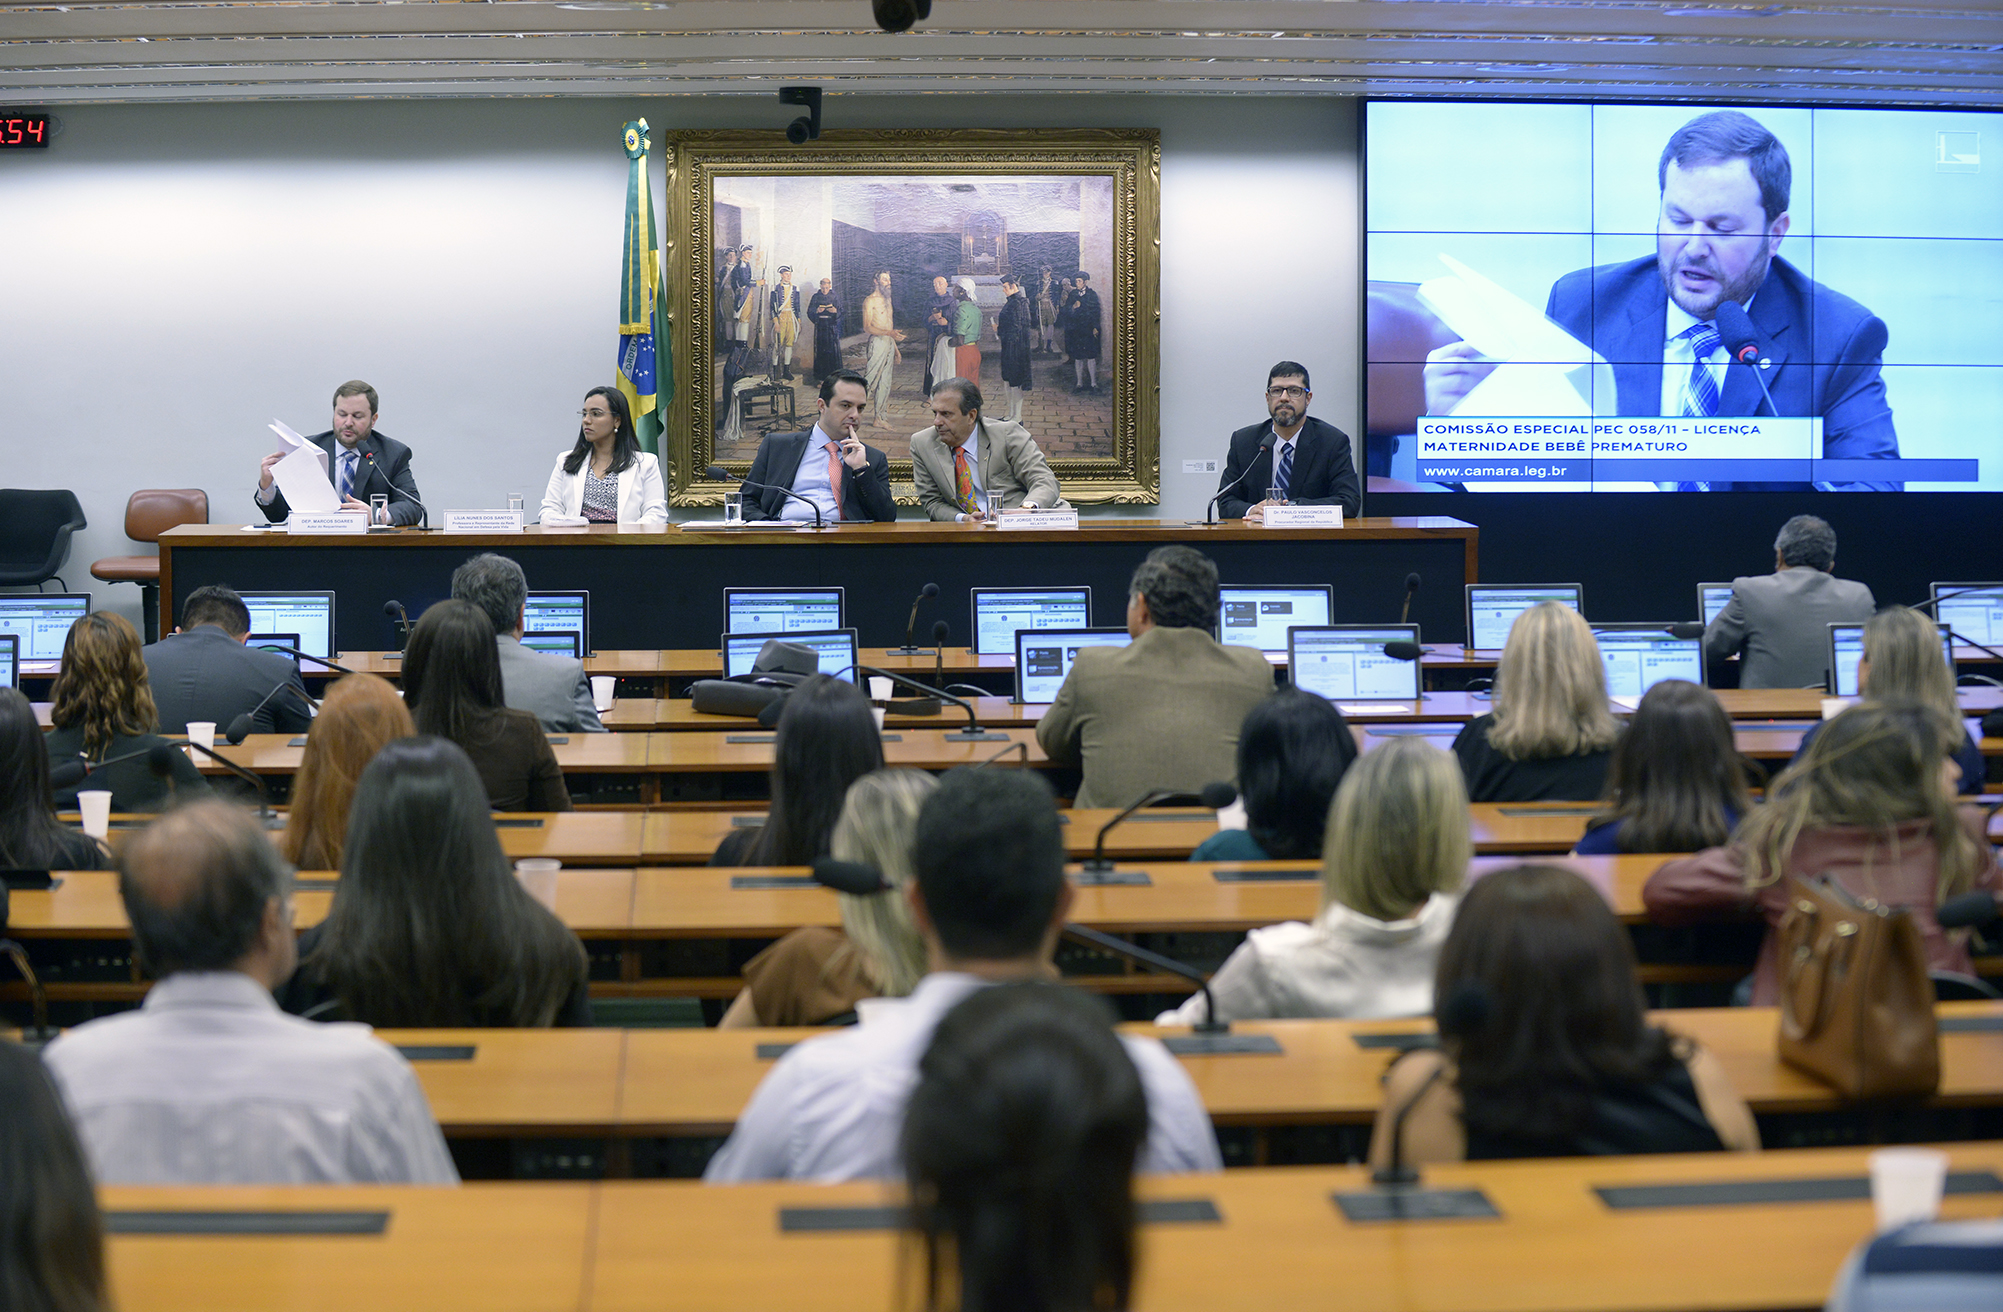 Audiência pública para debater a atual situação da Confederação Brasileira de Taekwondo e da Confederação Brasileira de Tiro Esportivo